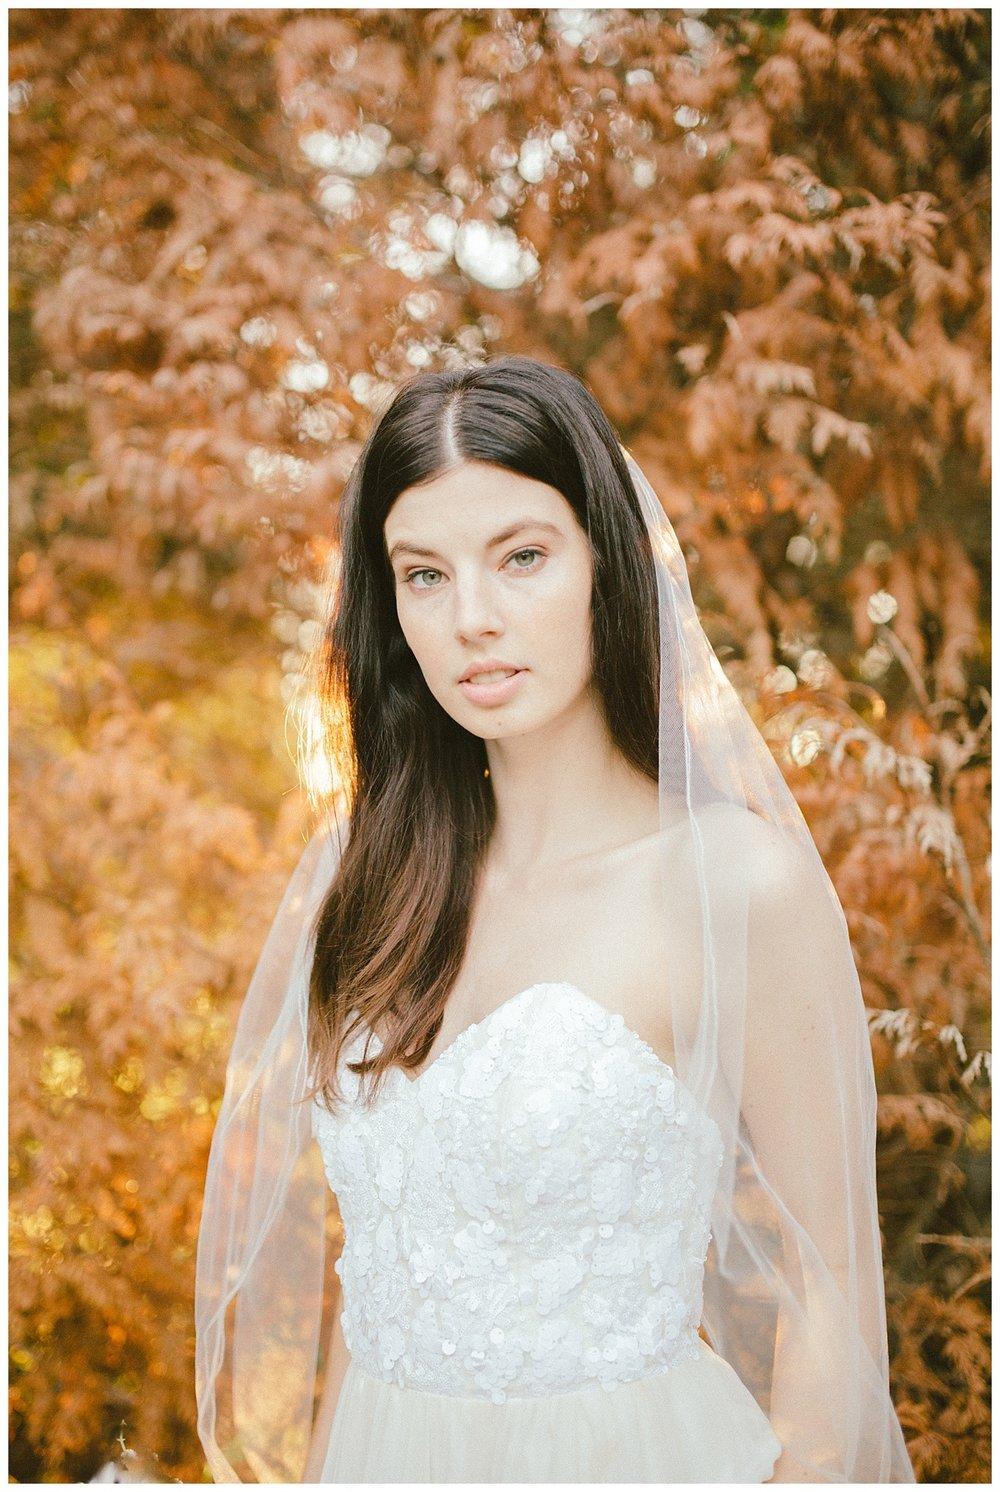 Hong Kong Fine Art Wedding Prewedding Photographer Mattie C. 00016.jpg